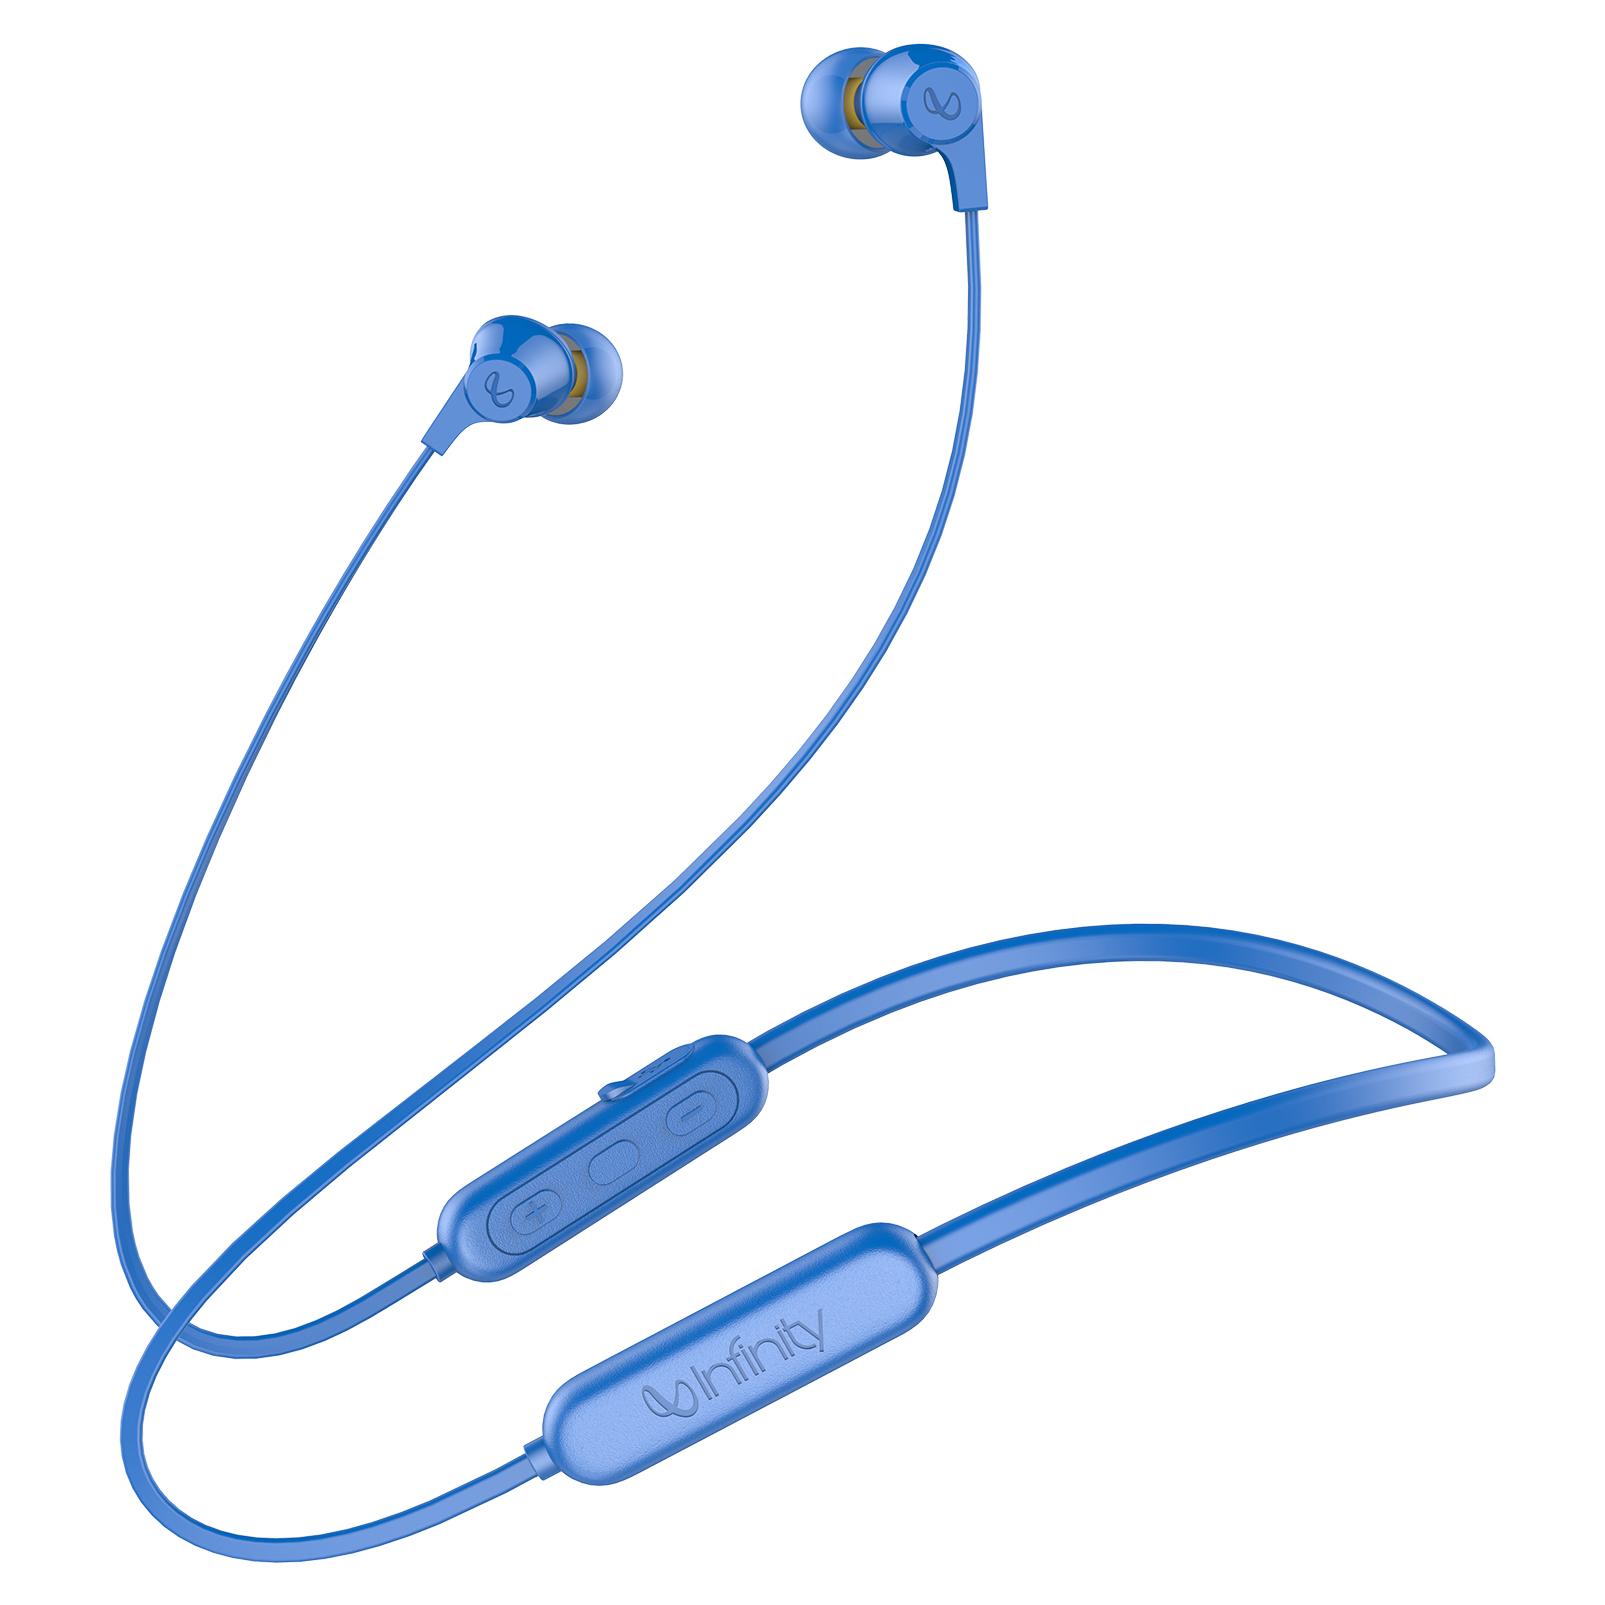 INFINITY GLIDE N100 - Blue - In-Ear Ultra Light Neckband - Hero